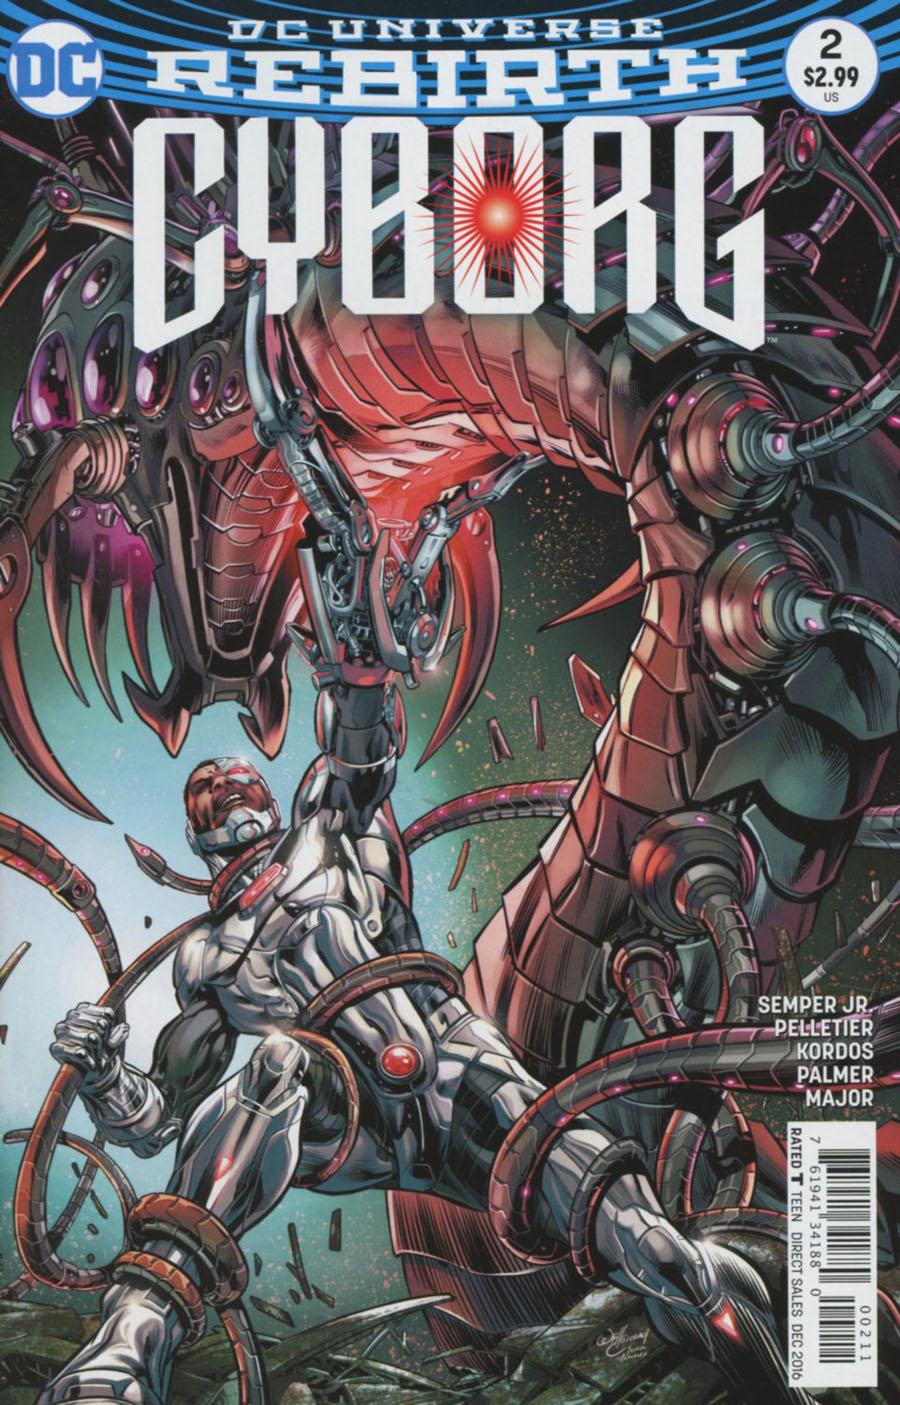 Cyborg Vol 2 #2 Cover A Regular Will Conrad Cover